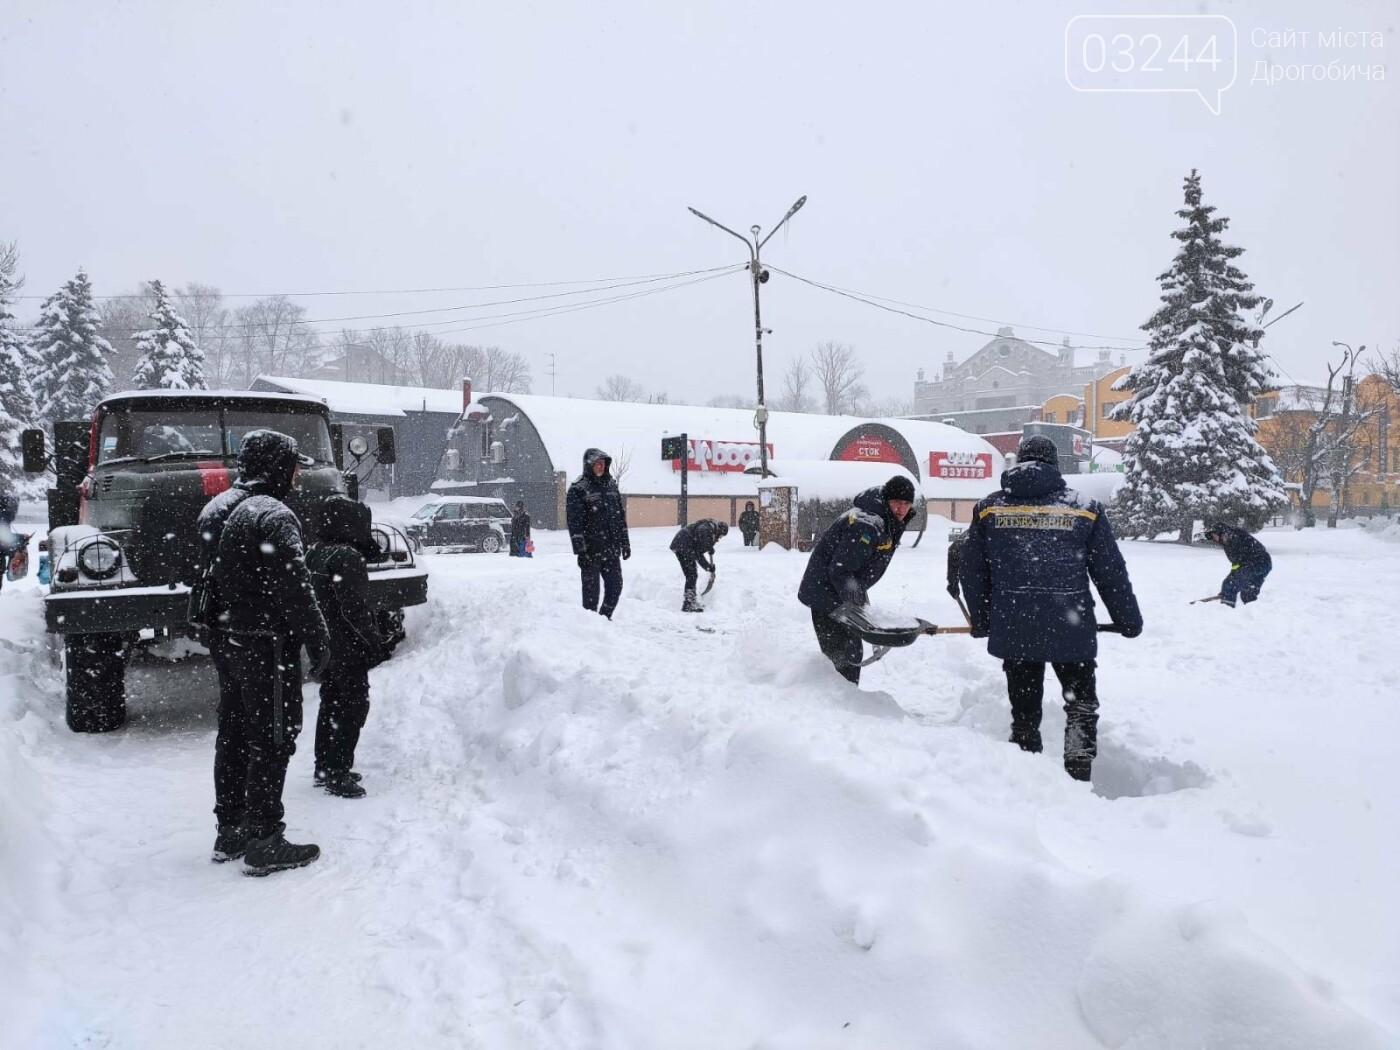 Щоб не замерзнути: у Дрогобичі розгорнули 2 пункти обігріву - один тимчасовий, інший - стаціонарний, фото-3